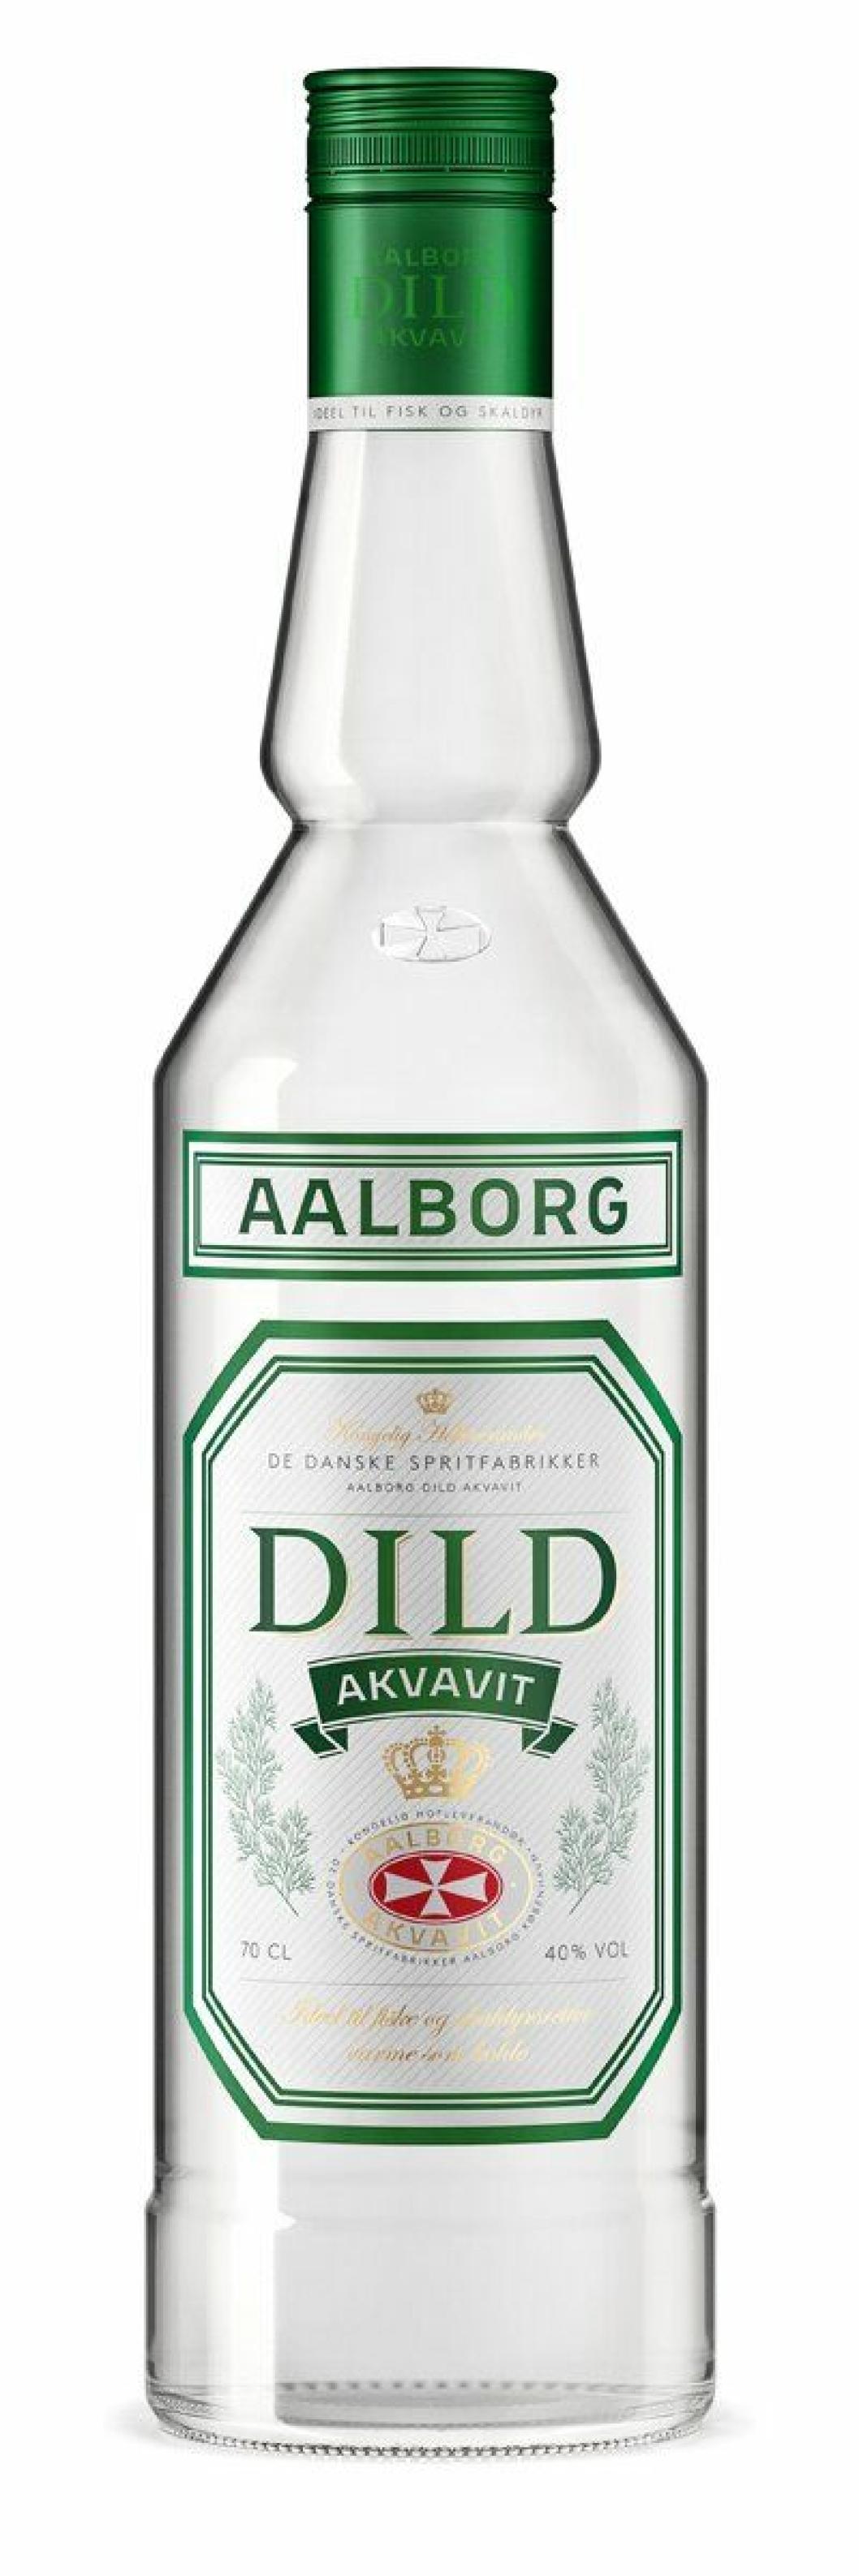 VINNER 2: Aalborg Dild.